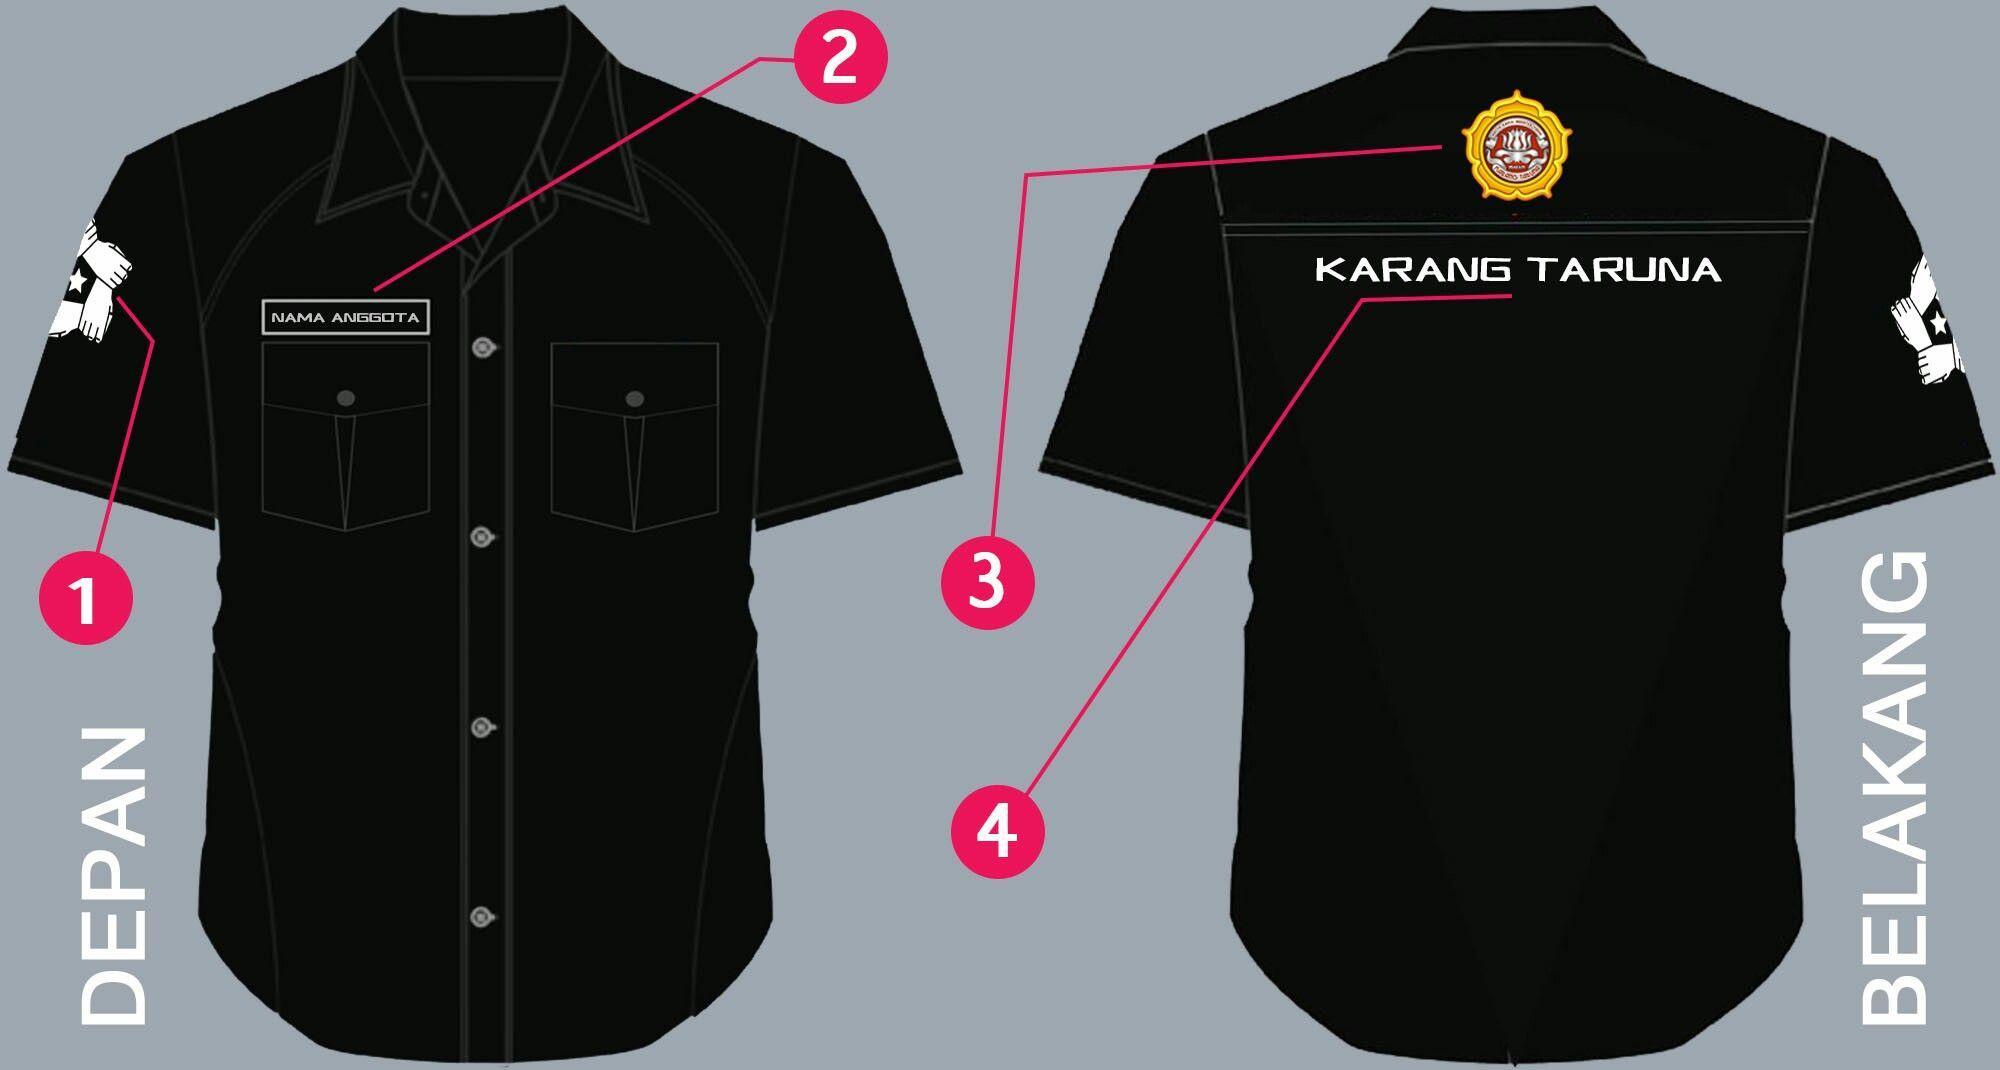 Desain Baju Karangtaruna Kaos Baju Kaos Gambar